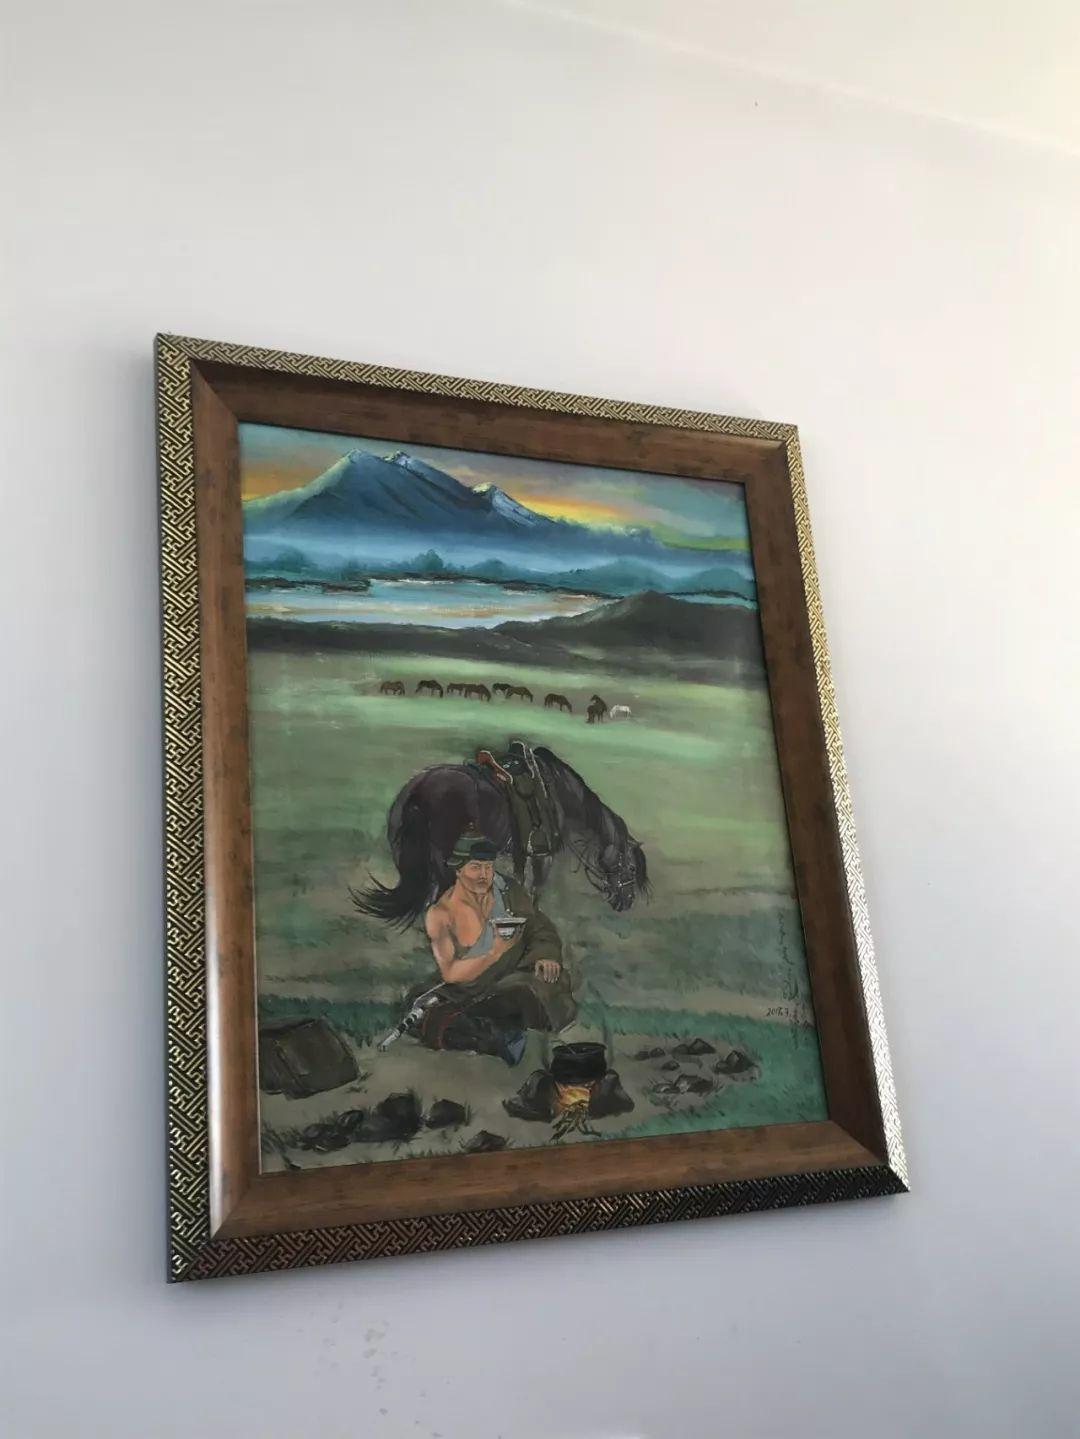 超赞!这位牧民画画雕塑样样通【蒙古文】 第10张 超赞!这位牧民画画雕塑样样通【蒙古文】 蒙古画廊